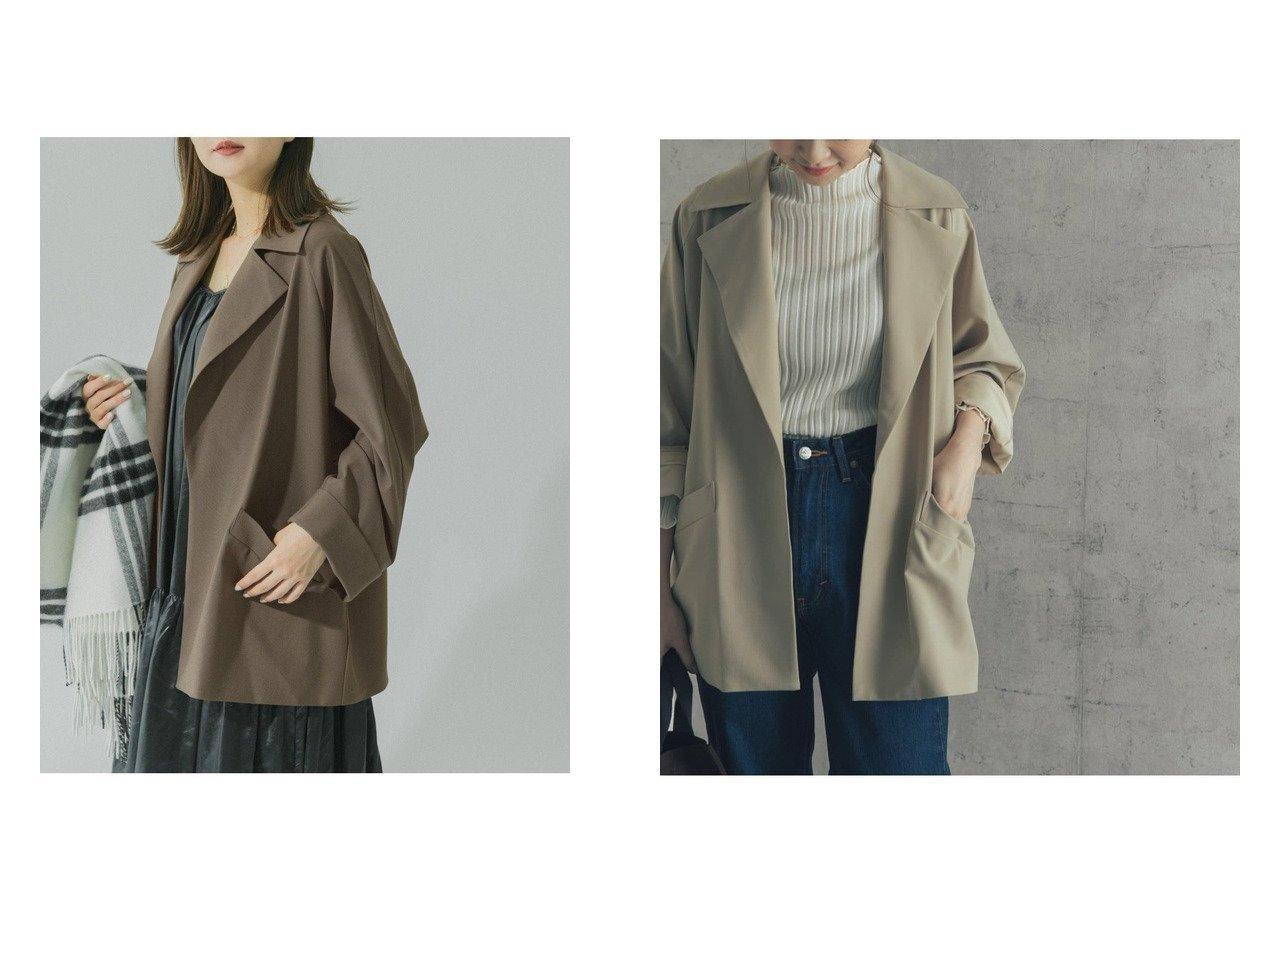 【URBAN RESEARCH ROSSO/アーバンリサーチ ロッソ】のオーバーサイズジャケットコート 【アウター】おすすめ!人気、トレンド・レディースファッションの通販 おすすめで人気の流行・トレンド、ファッションの通販商品 インテリア・家具・メンズファッション・キッズファッション・レディースファッション・服の通販 founy(ファニー) https://founy.com/ ファッション Fashion レディースファッション WOMEN アウター Coat Outerwear コート Coats ジャケット Jackets NEW・新作・新着・新入荷 New Arrivals おすすめ Recommend シンプル ジャケット ボトム ロング 再入荷 Restock/Back in Stock/Re Arrival |ID:crp329100000061328